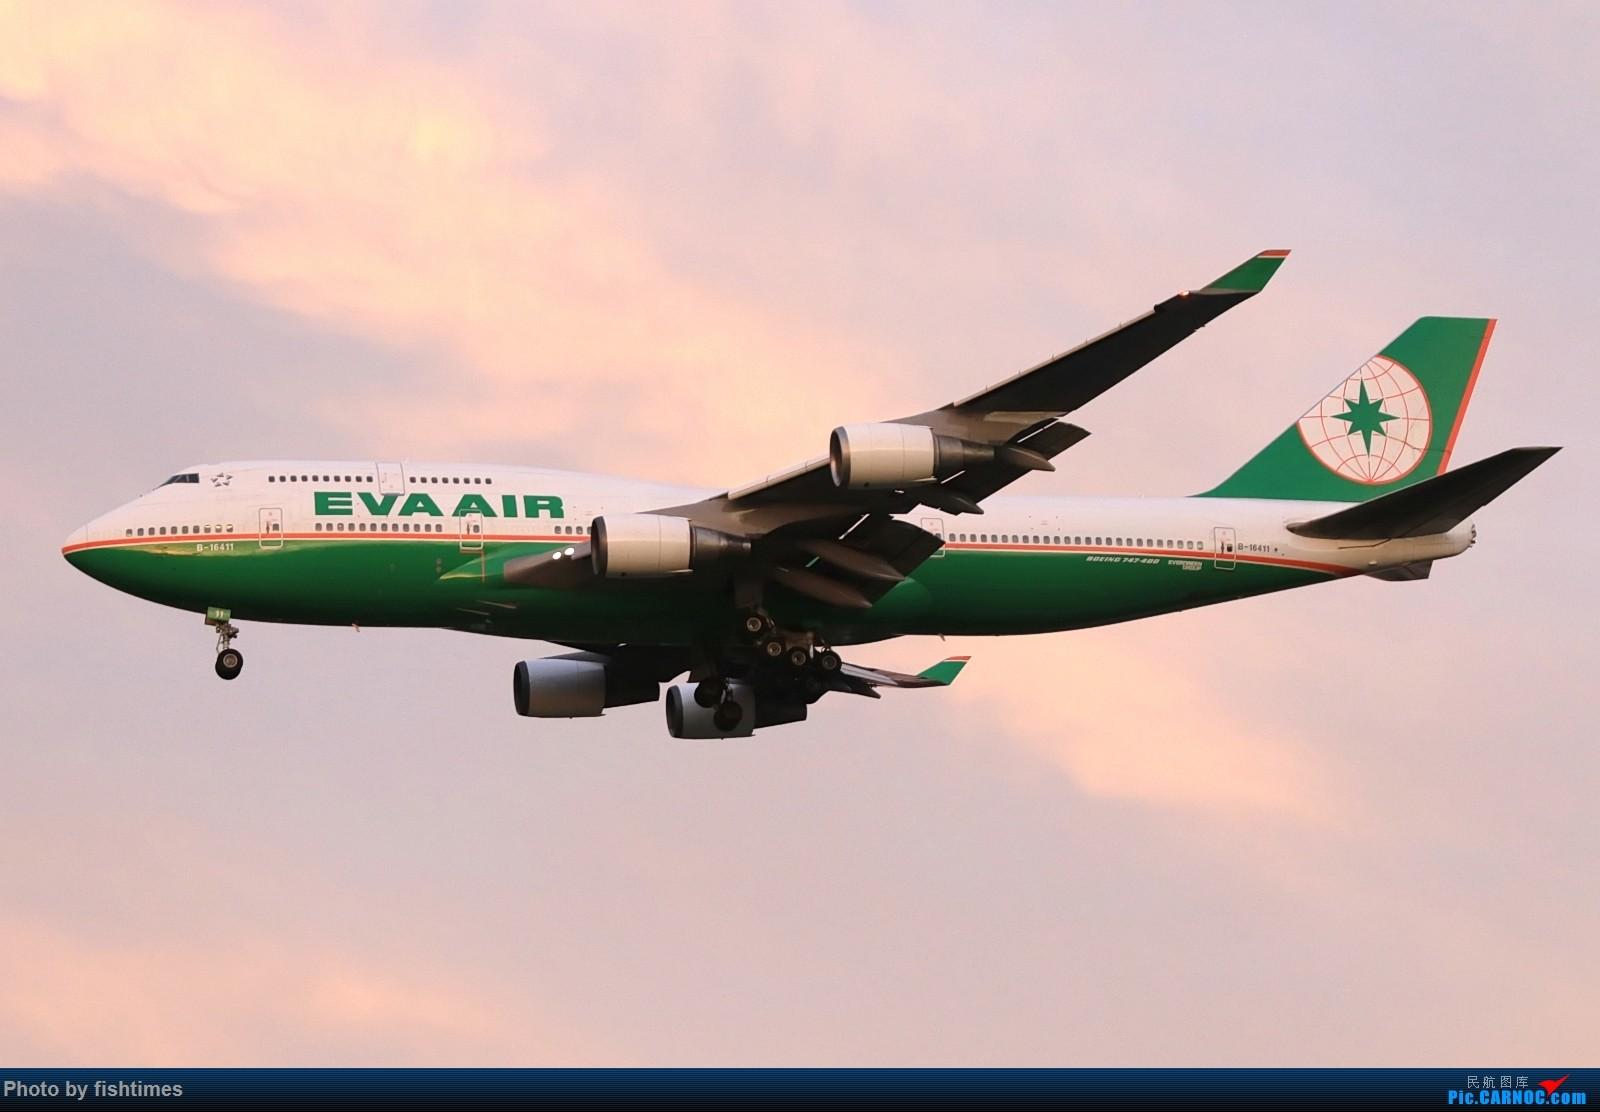 [原创]【PEK】【一图党】20160831_B-16411_EVA744 BOEING 747-400 B-16411 中国北京首都国际机场